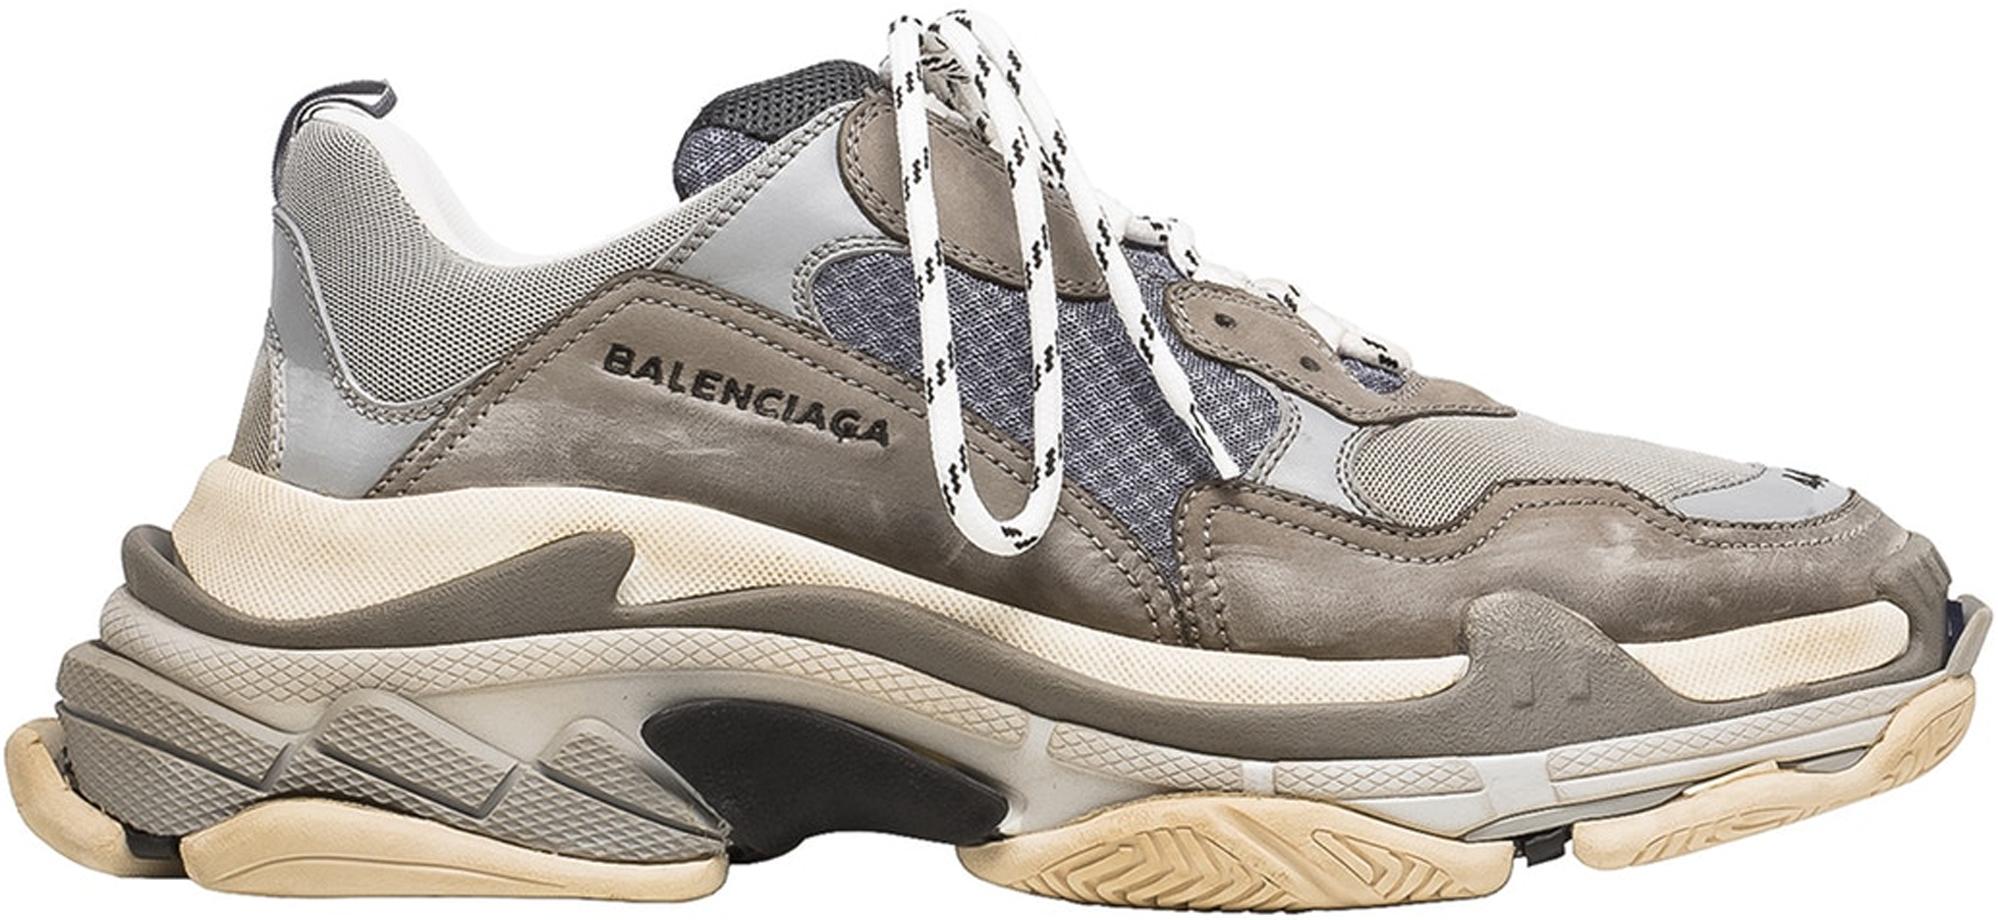 Balenciaga Triple S Sneakers - Grey